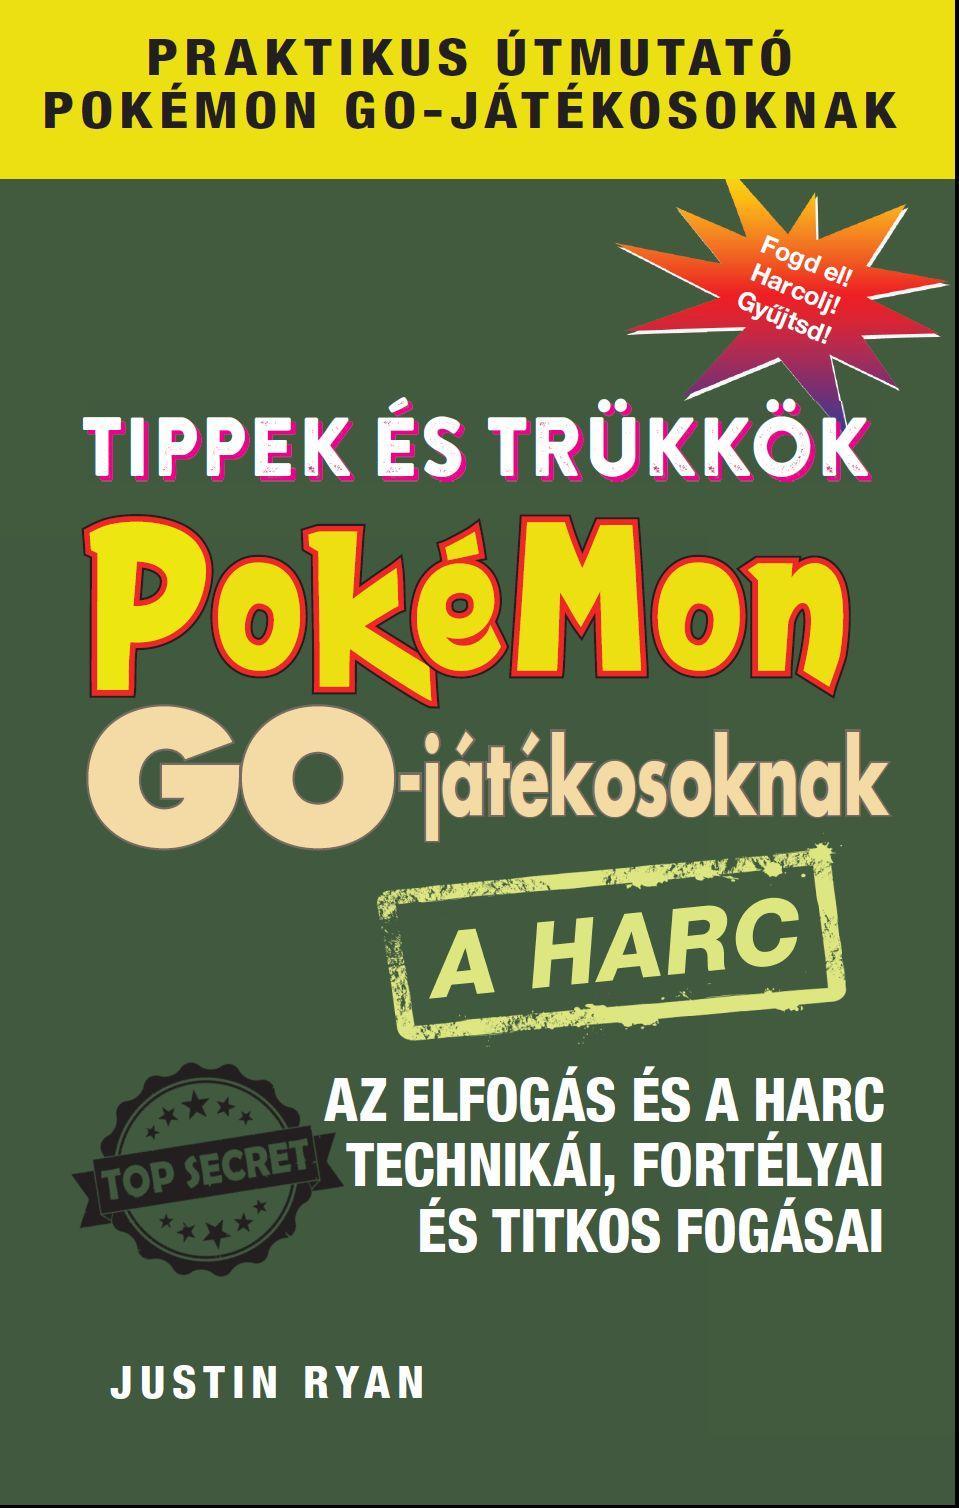 TIPPEK ÉS TRÜKKÖK POKÉMON GO-JÁTÉKOSOKNAK - A HARC